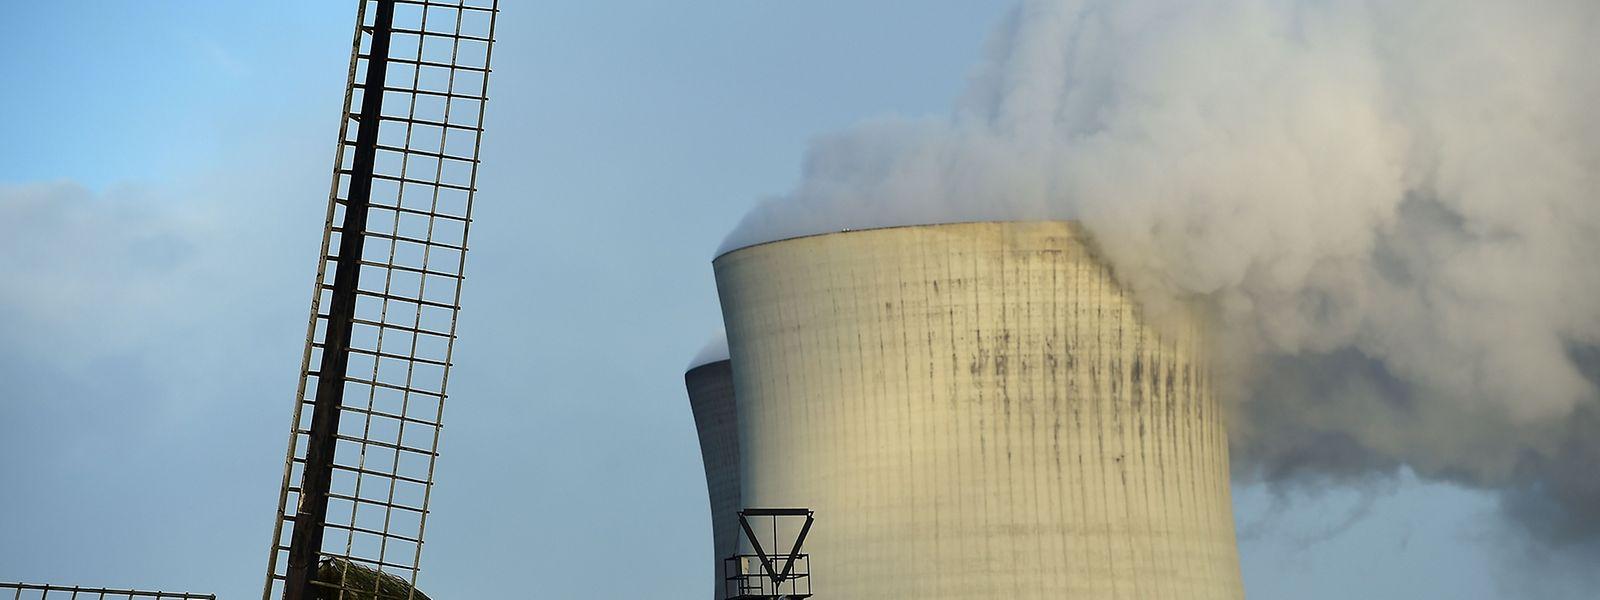 Im Fokus der Kritik sind die Atomkraftwerke Doel, das nahe der niederländischen Grenze liegt, aber auch Tihange. Es befindet sich 100 Kilometer von Luxemburg entfernt.